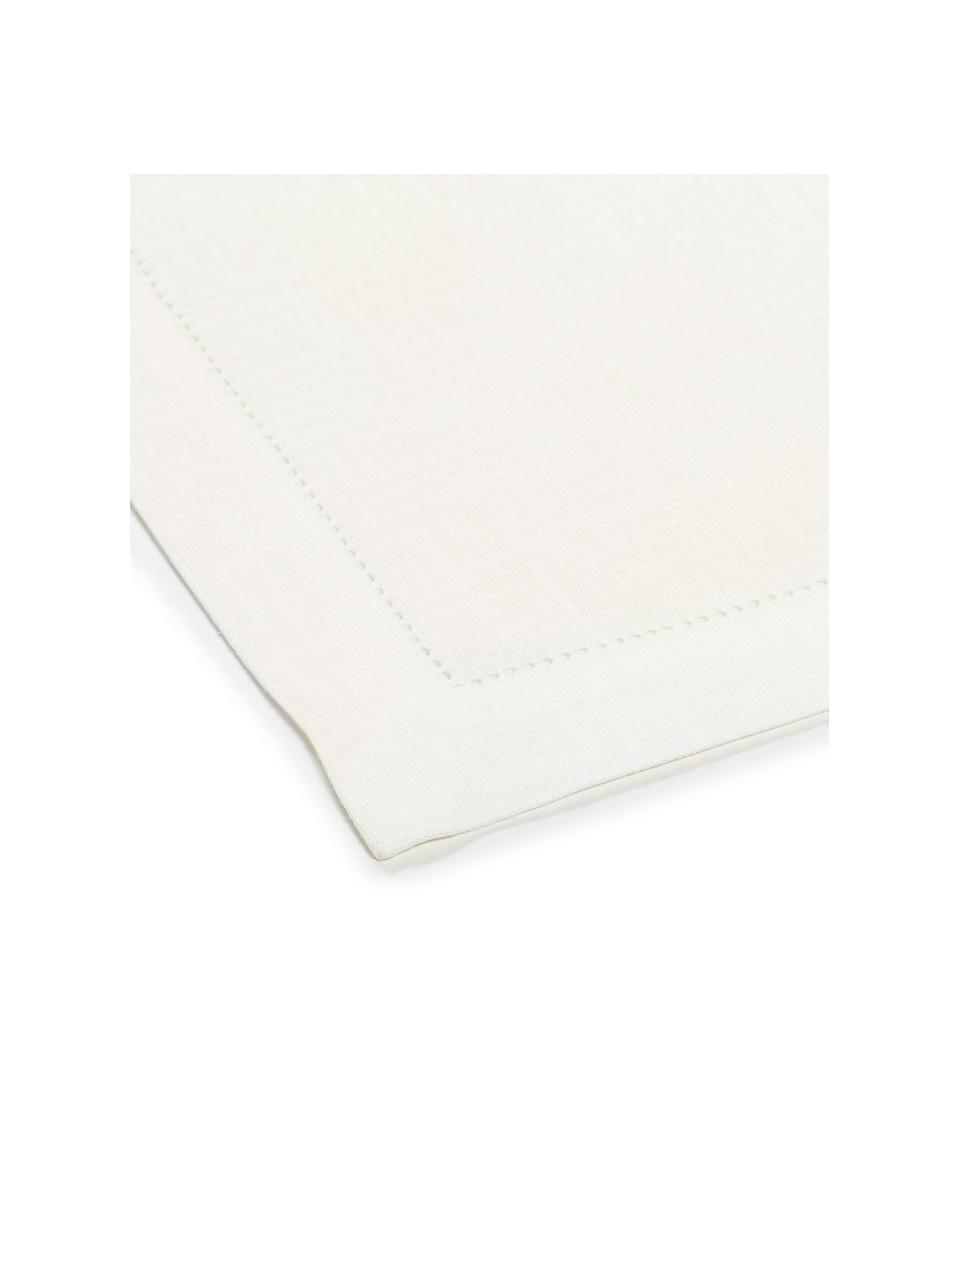 Sets de table pur lin avec ourlet Alanta, 6pièces, Blanc crème